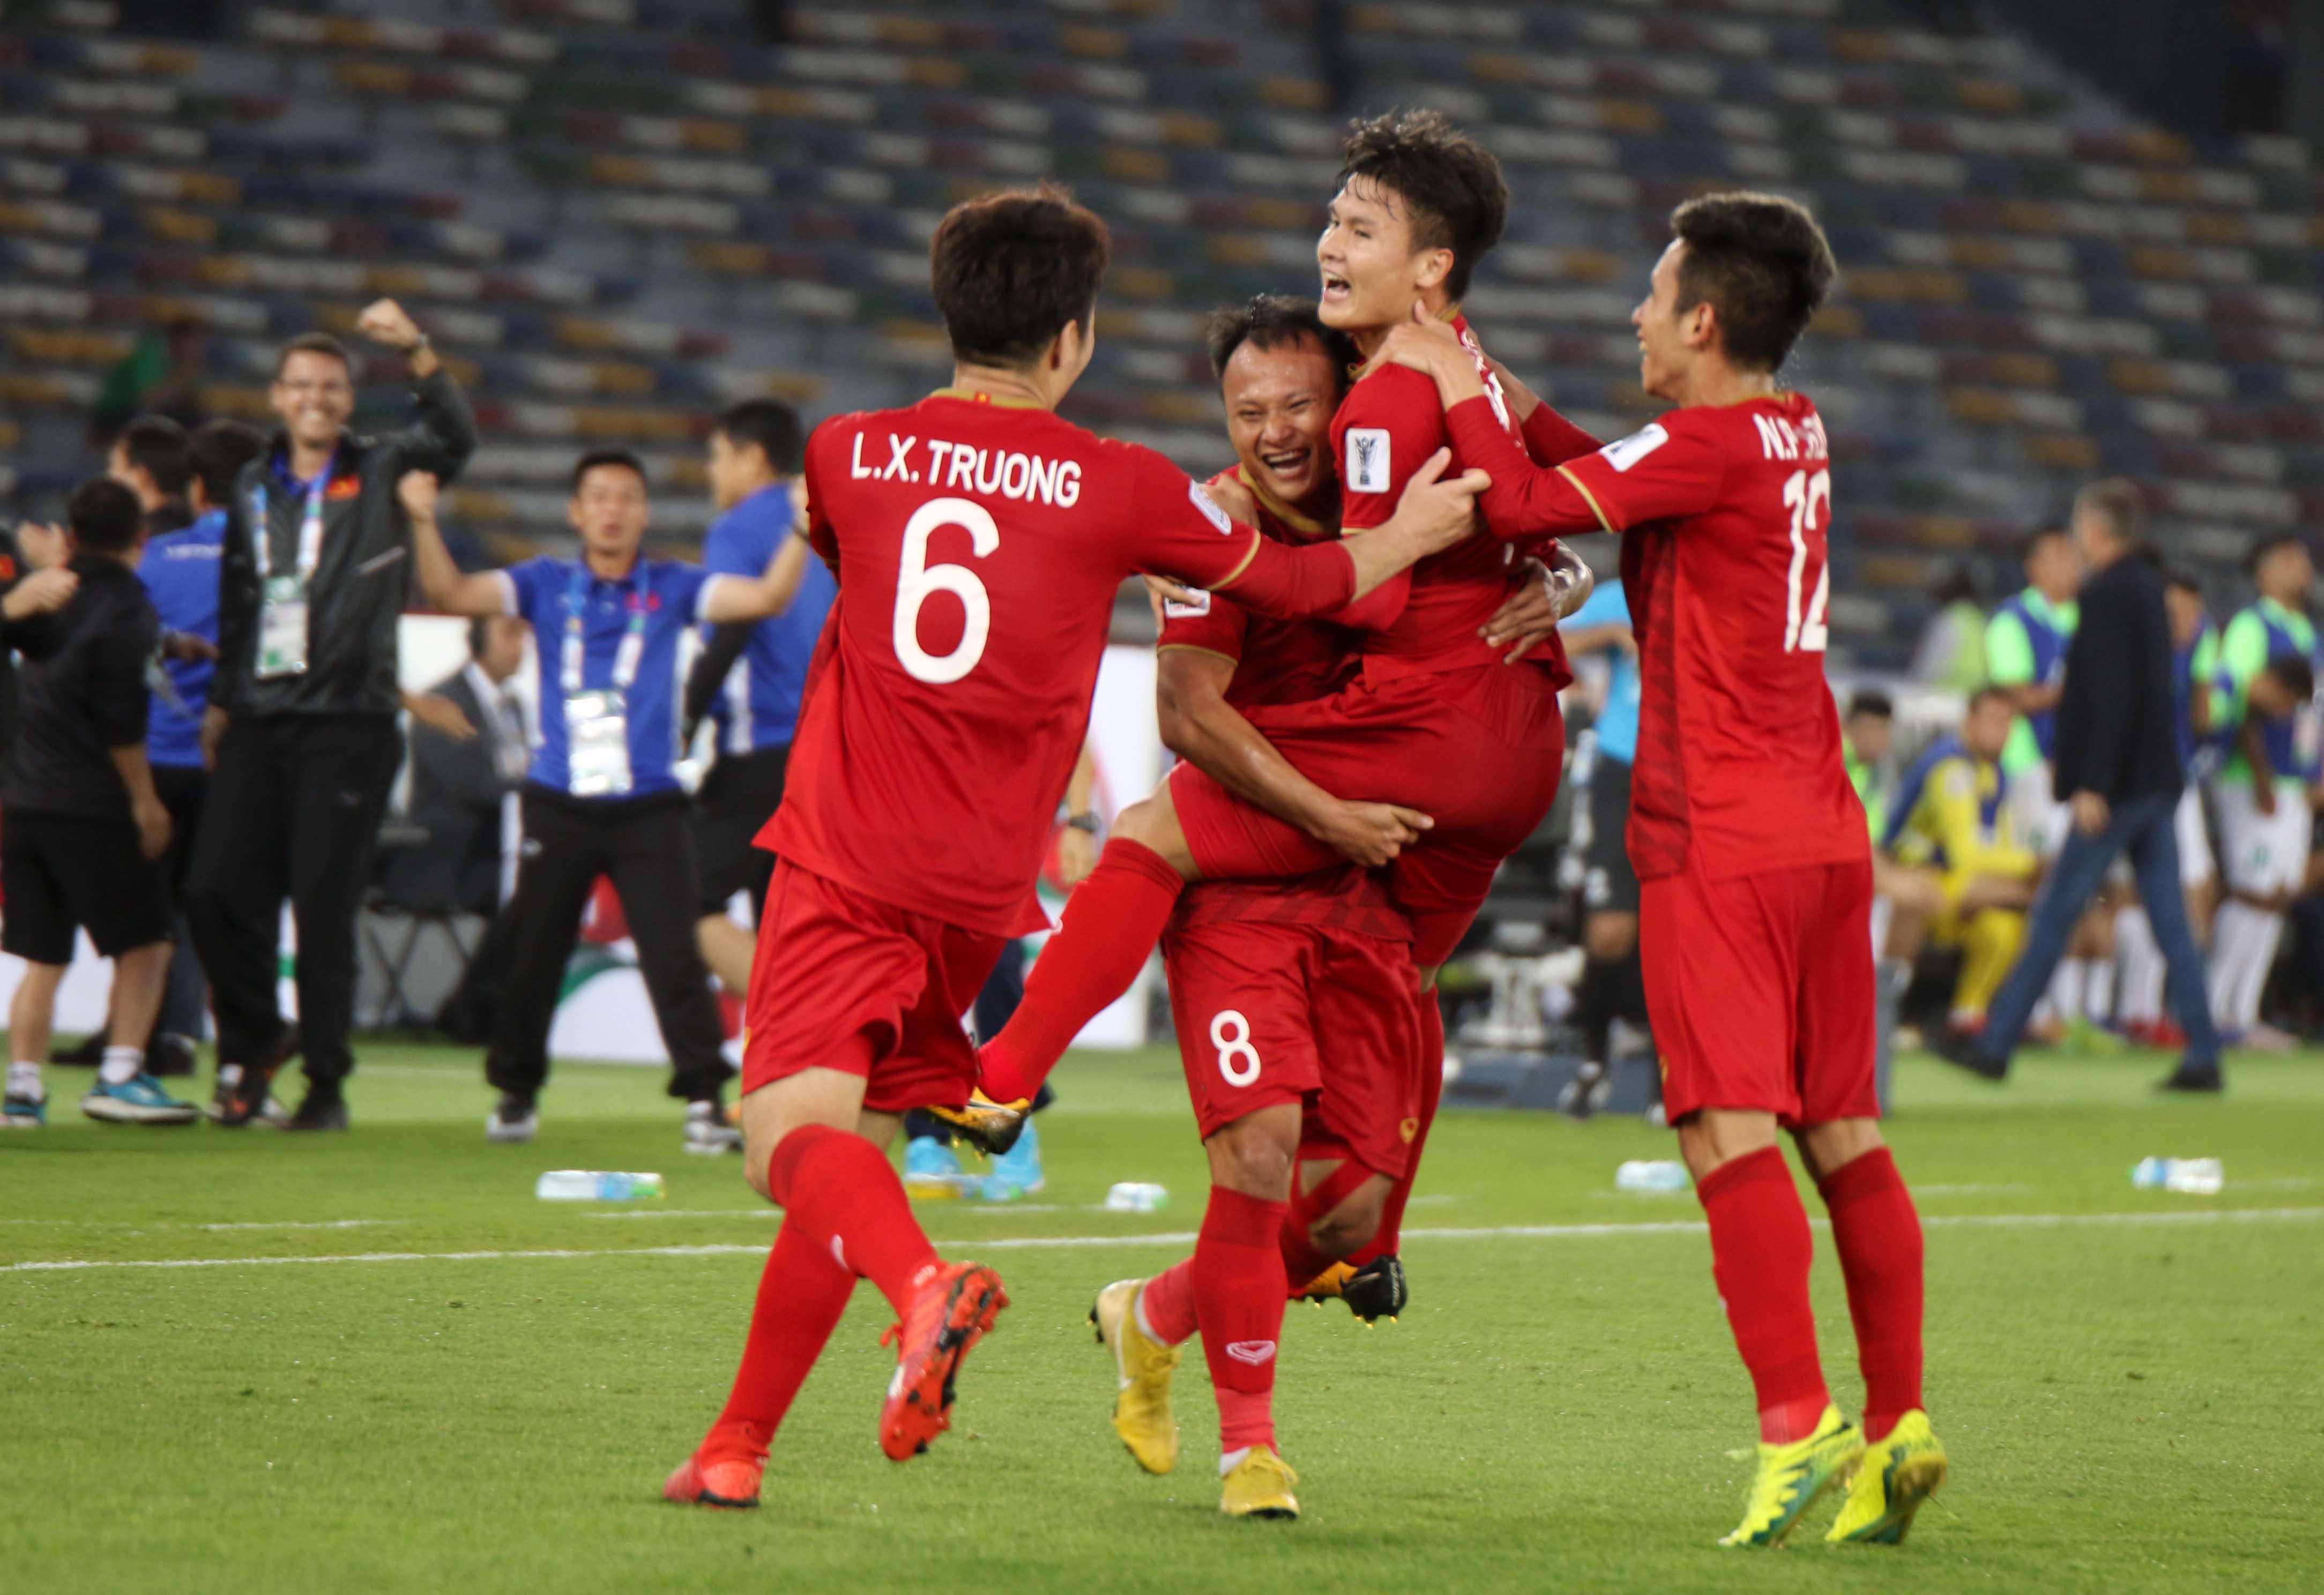 VOV, VTC sản xuất và phát sóng các trận đấu của ĐTQG Việt Nam tại Vòng loại World Cup 2022